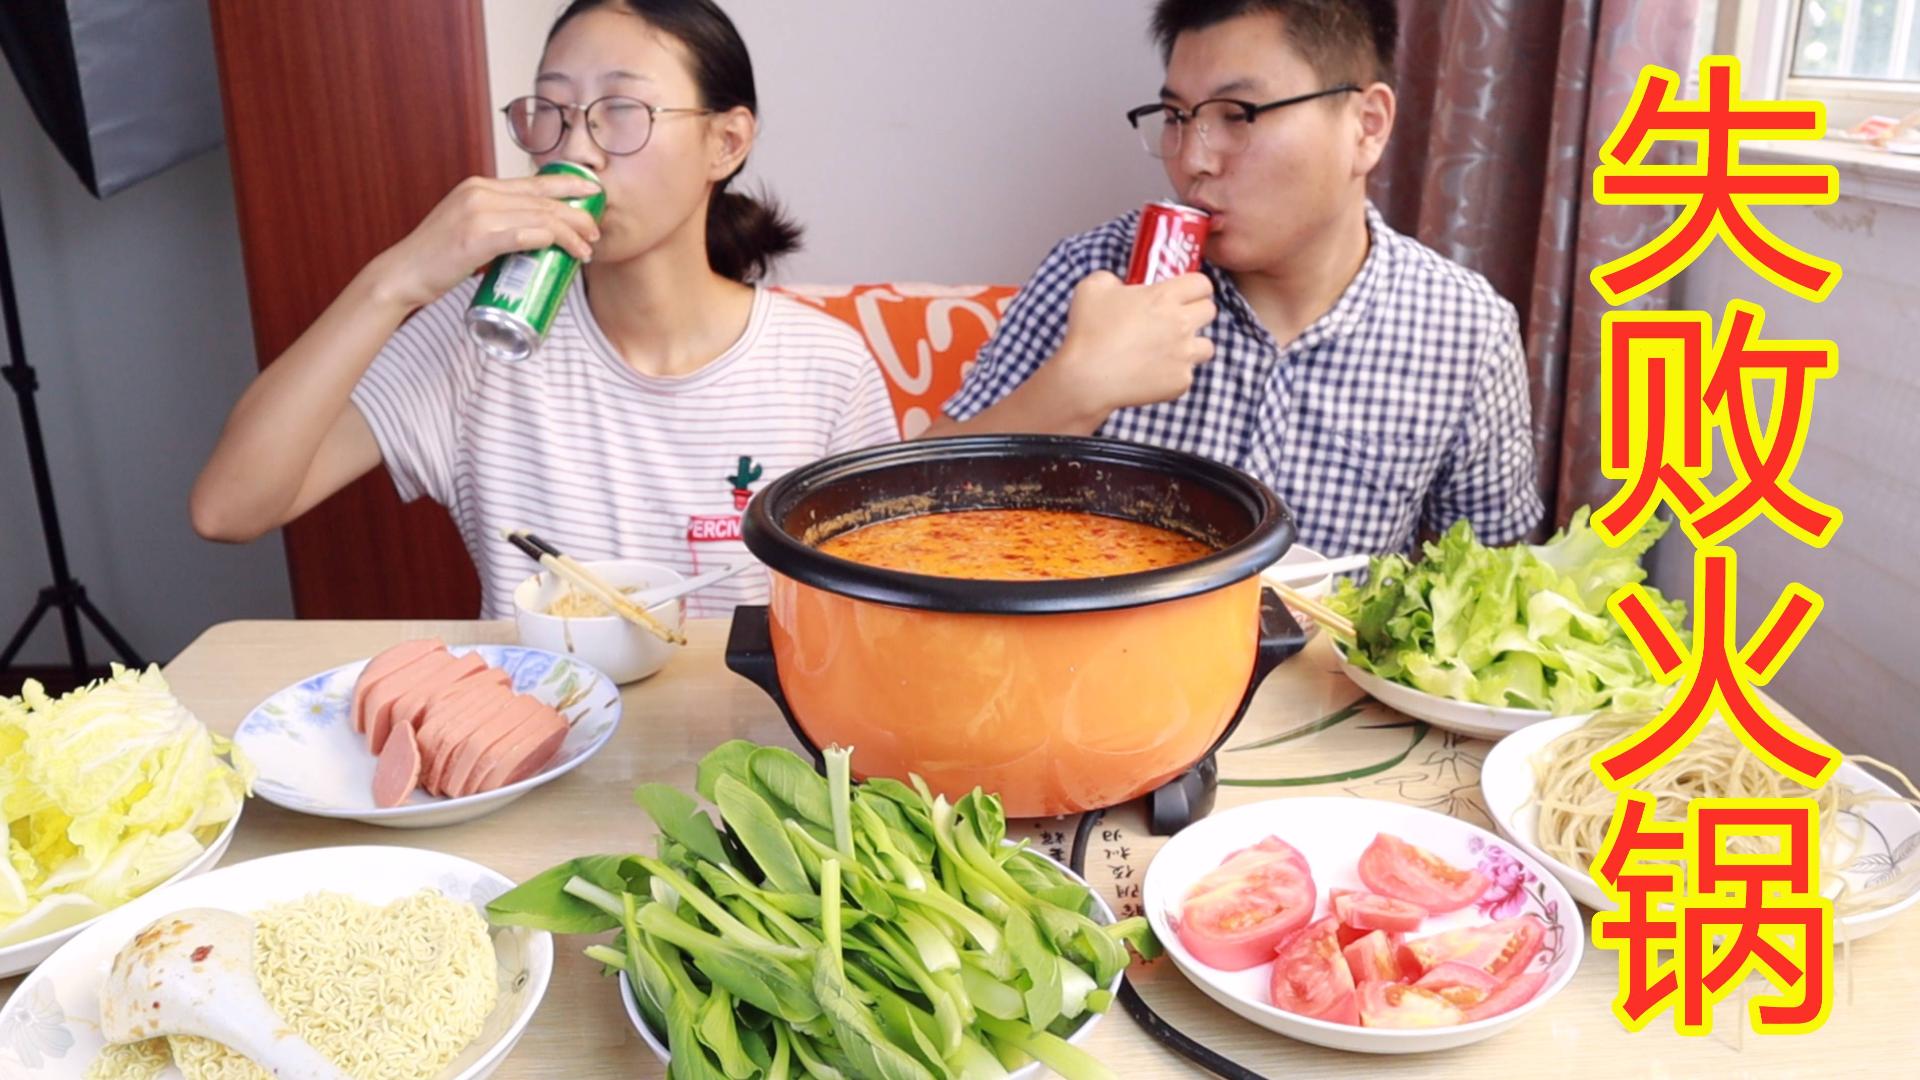 老婆做火锅翻车了,被少奇深深的吐槽,一桌子慢慢吃吧!